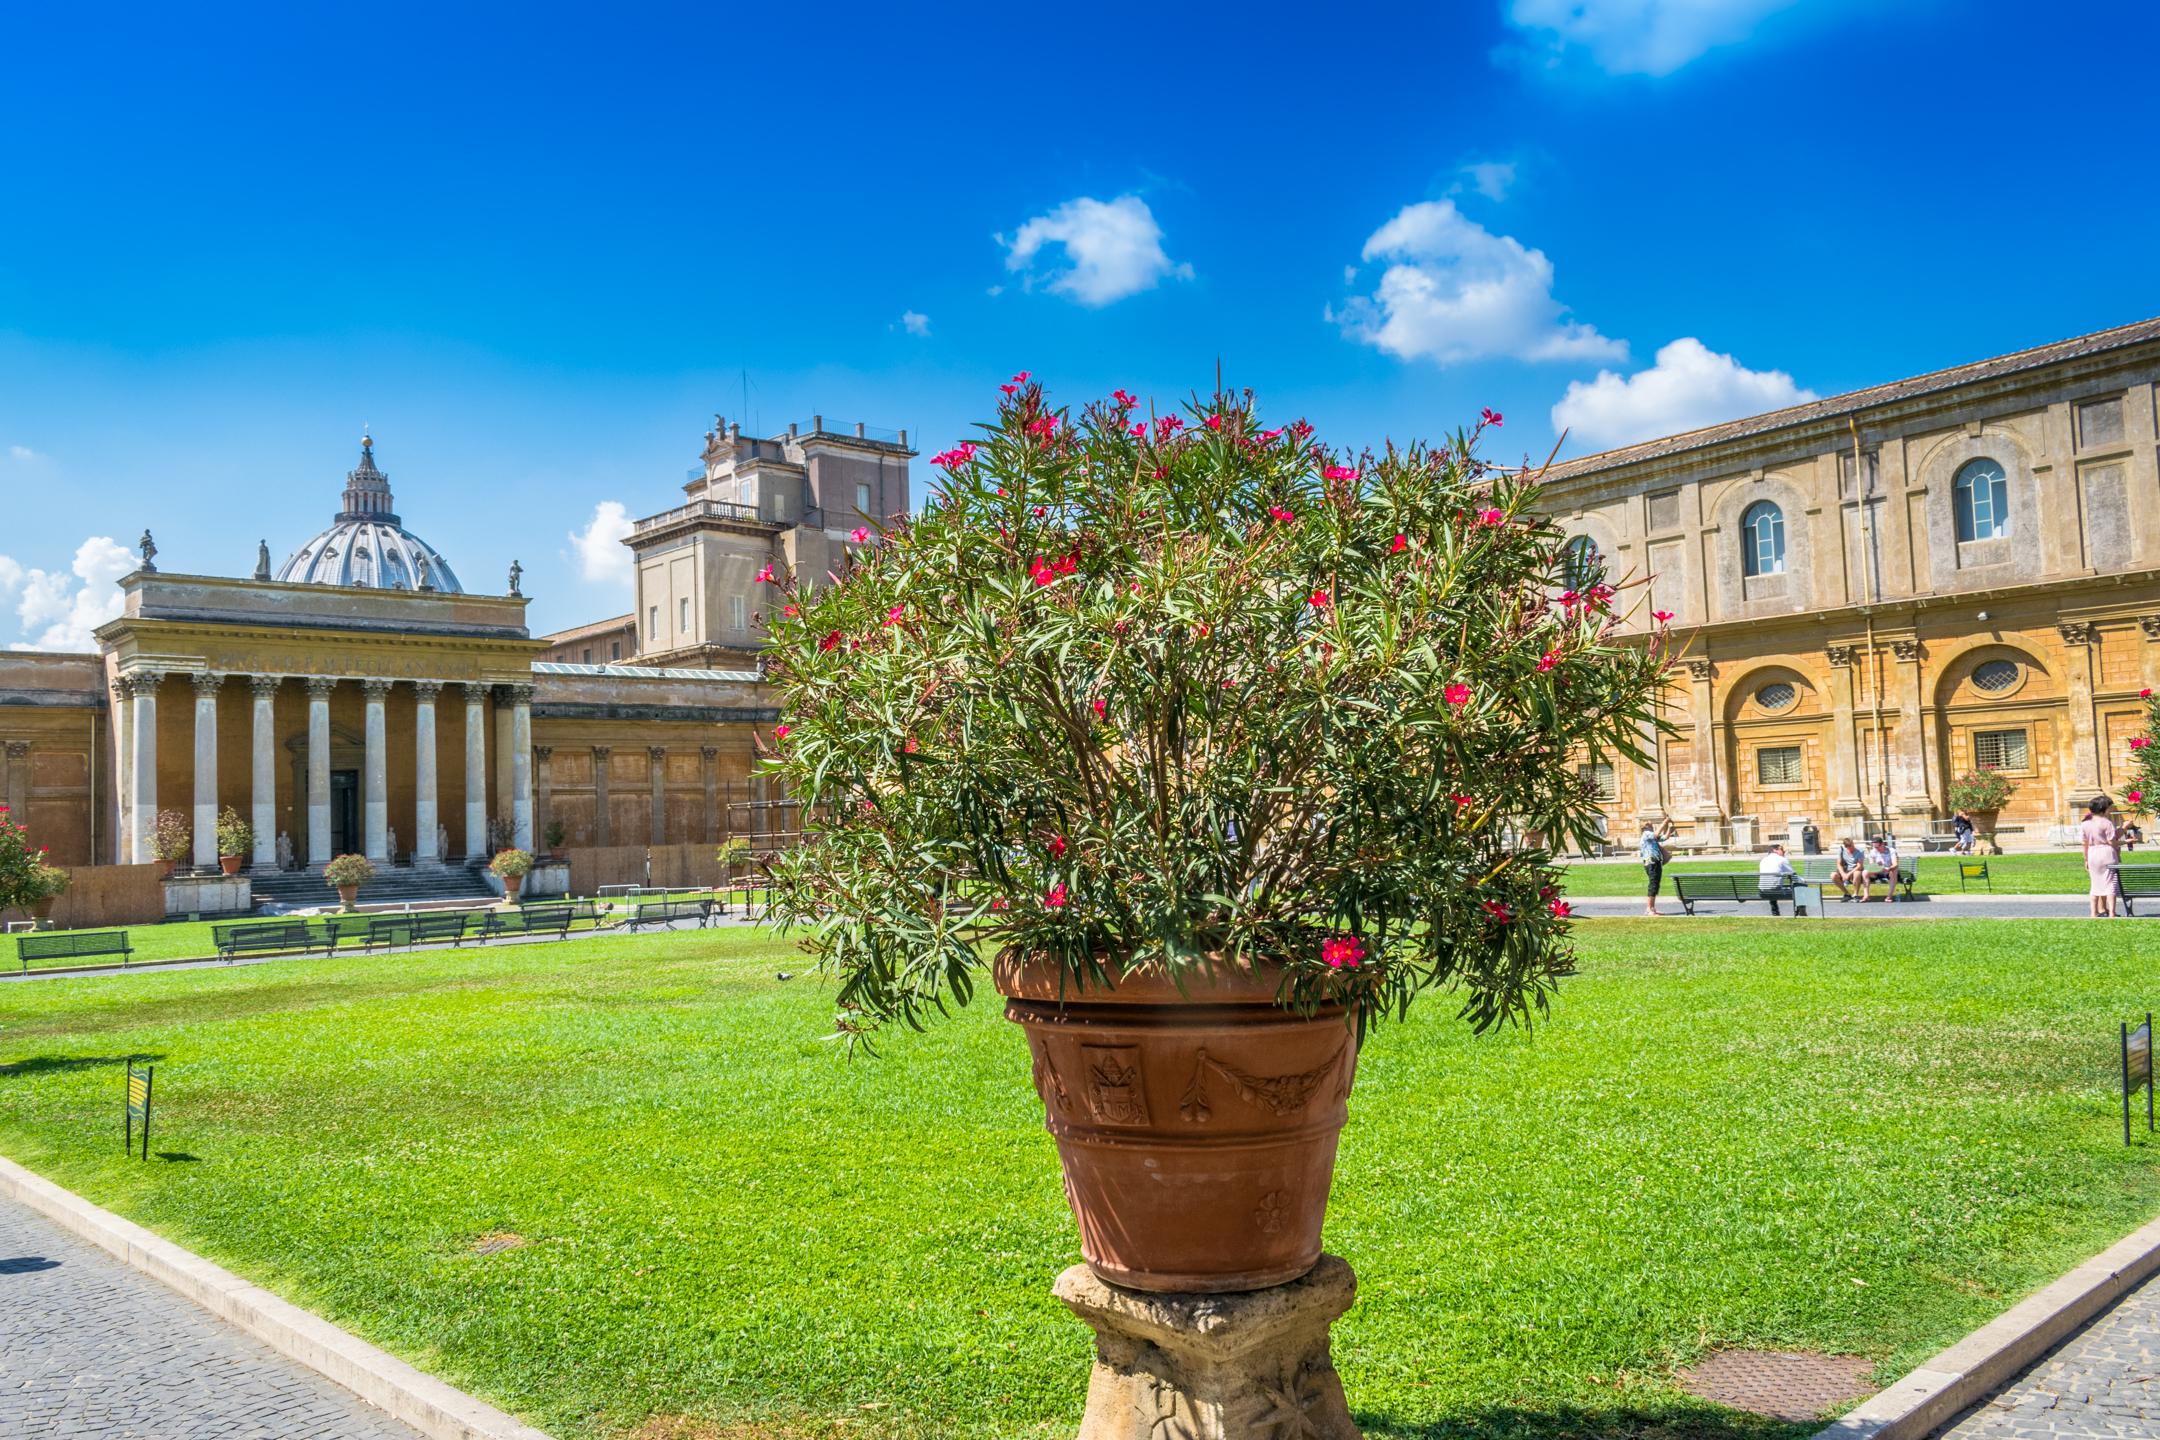 Vatican Museums Gardens